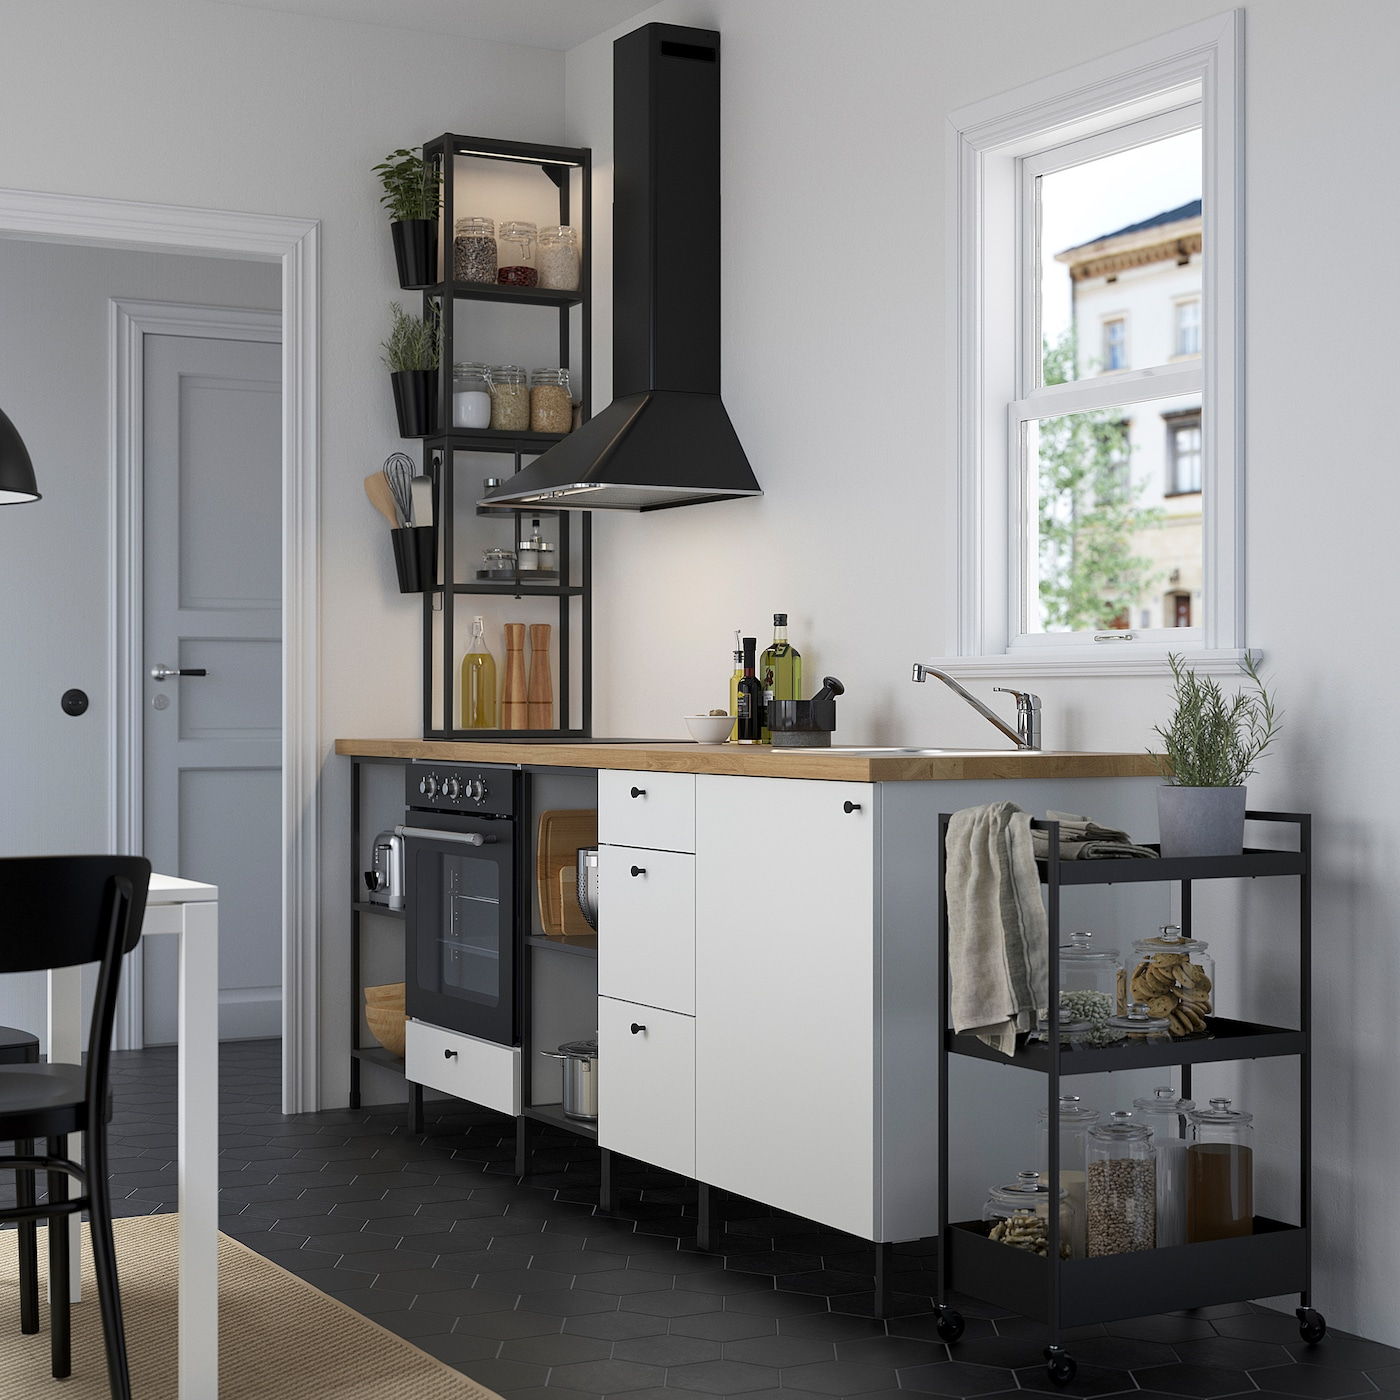 ENHET Küche - anthrazit, weiß 19x19.19x19 cm